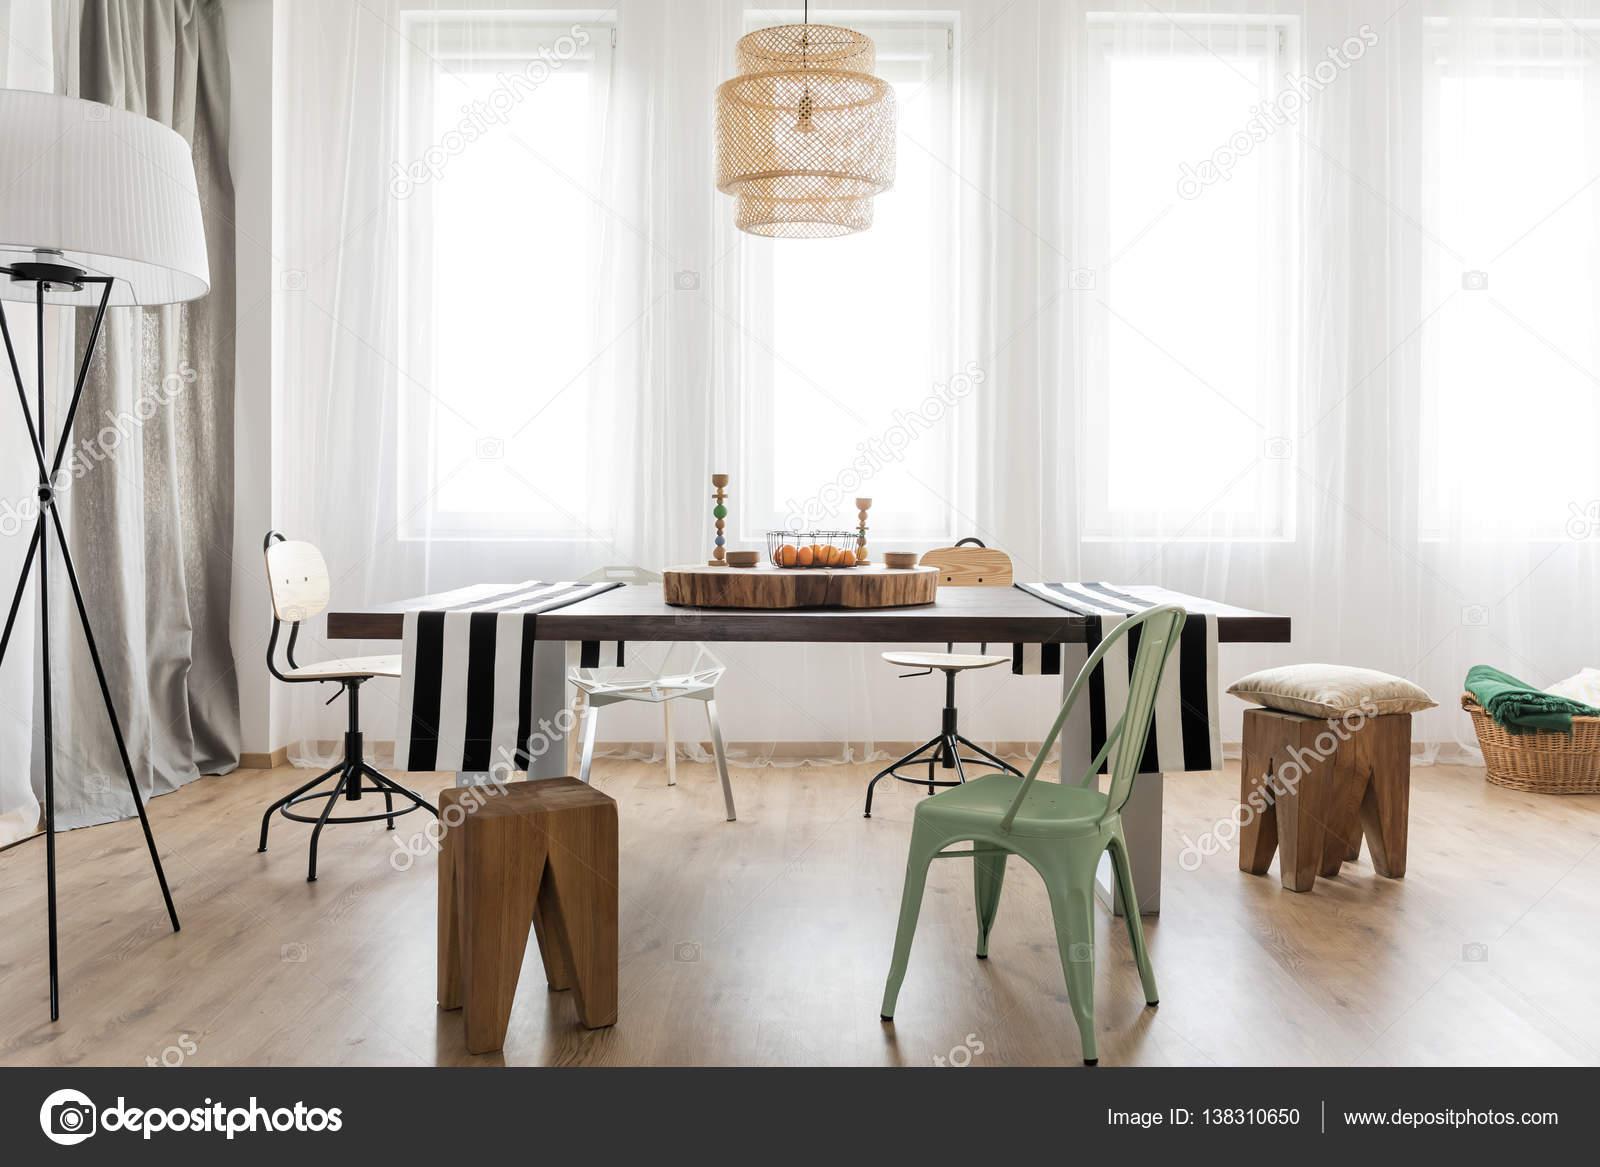 Onvoltooide project van minimalistische moderne keuken met tafel